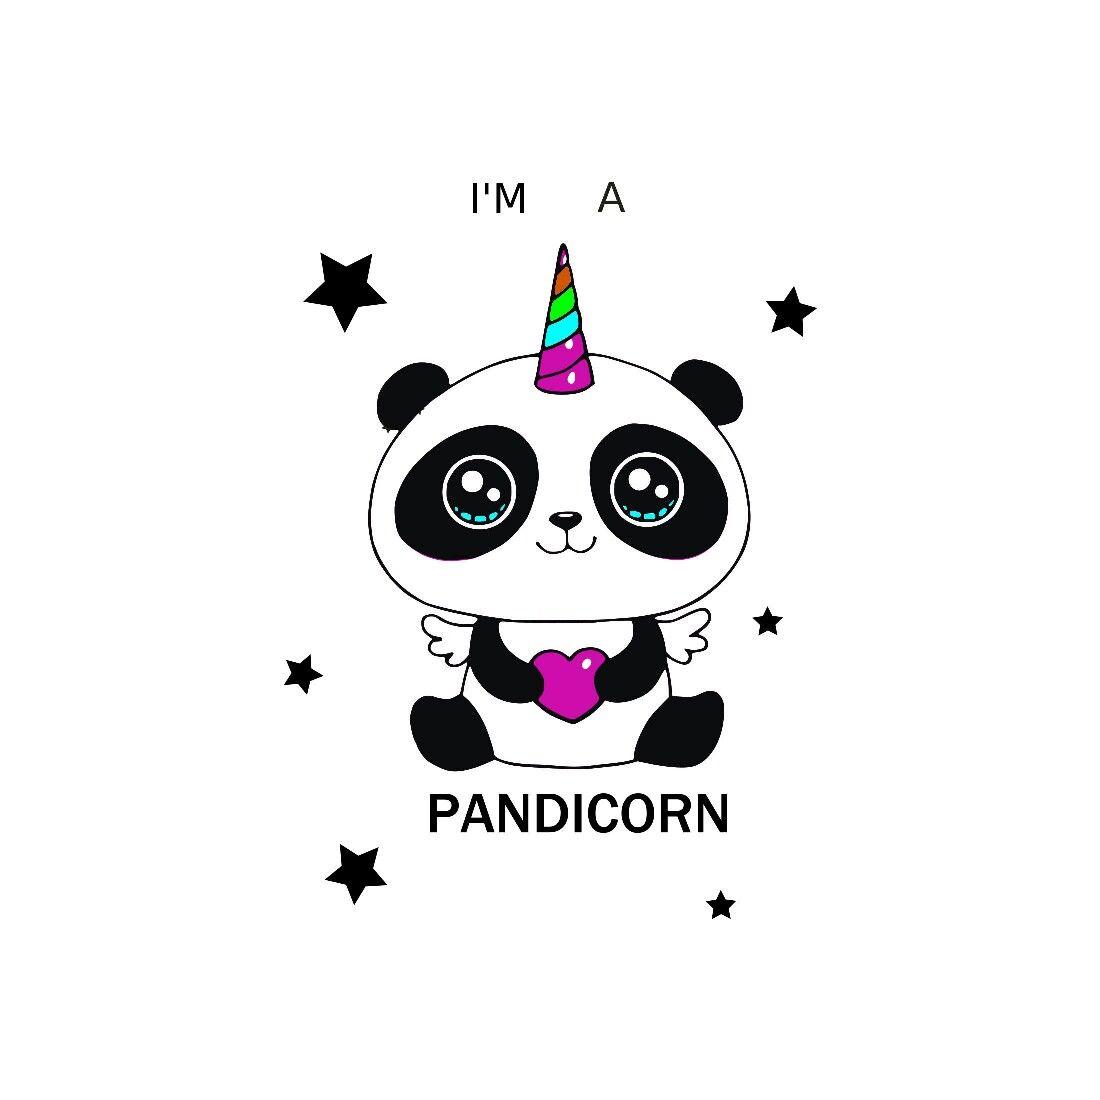 Voici Ce Que Je Viens D Ajouter Dans Ma Boutique Etsy Unicorn Svg Silhouette Unicorn Pandicorn Unicorn Vector Cute Panda Wallpaper Panda Drawing Panda Art